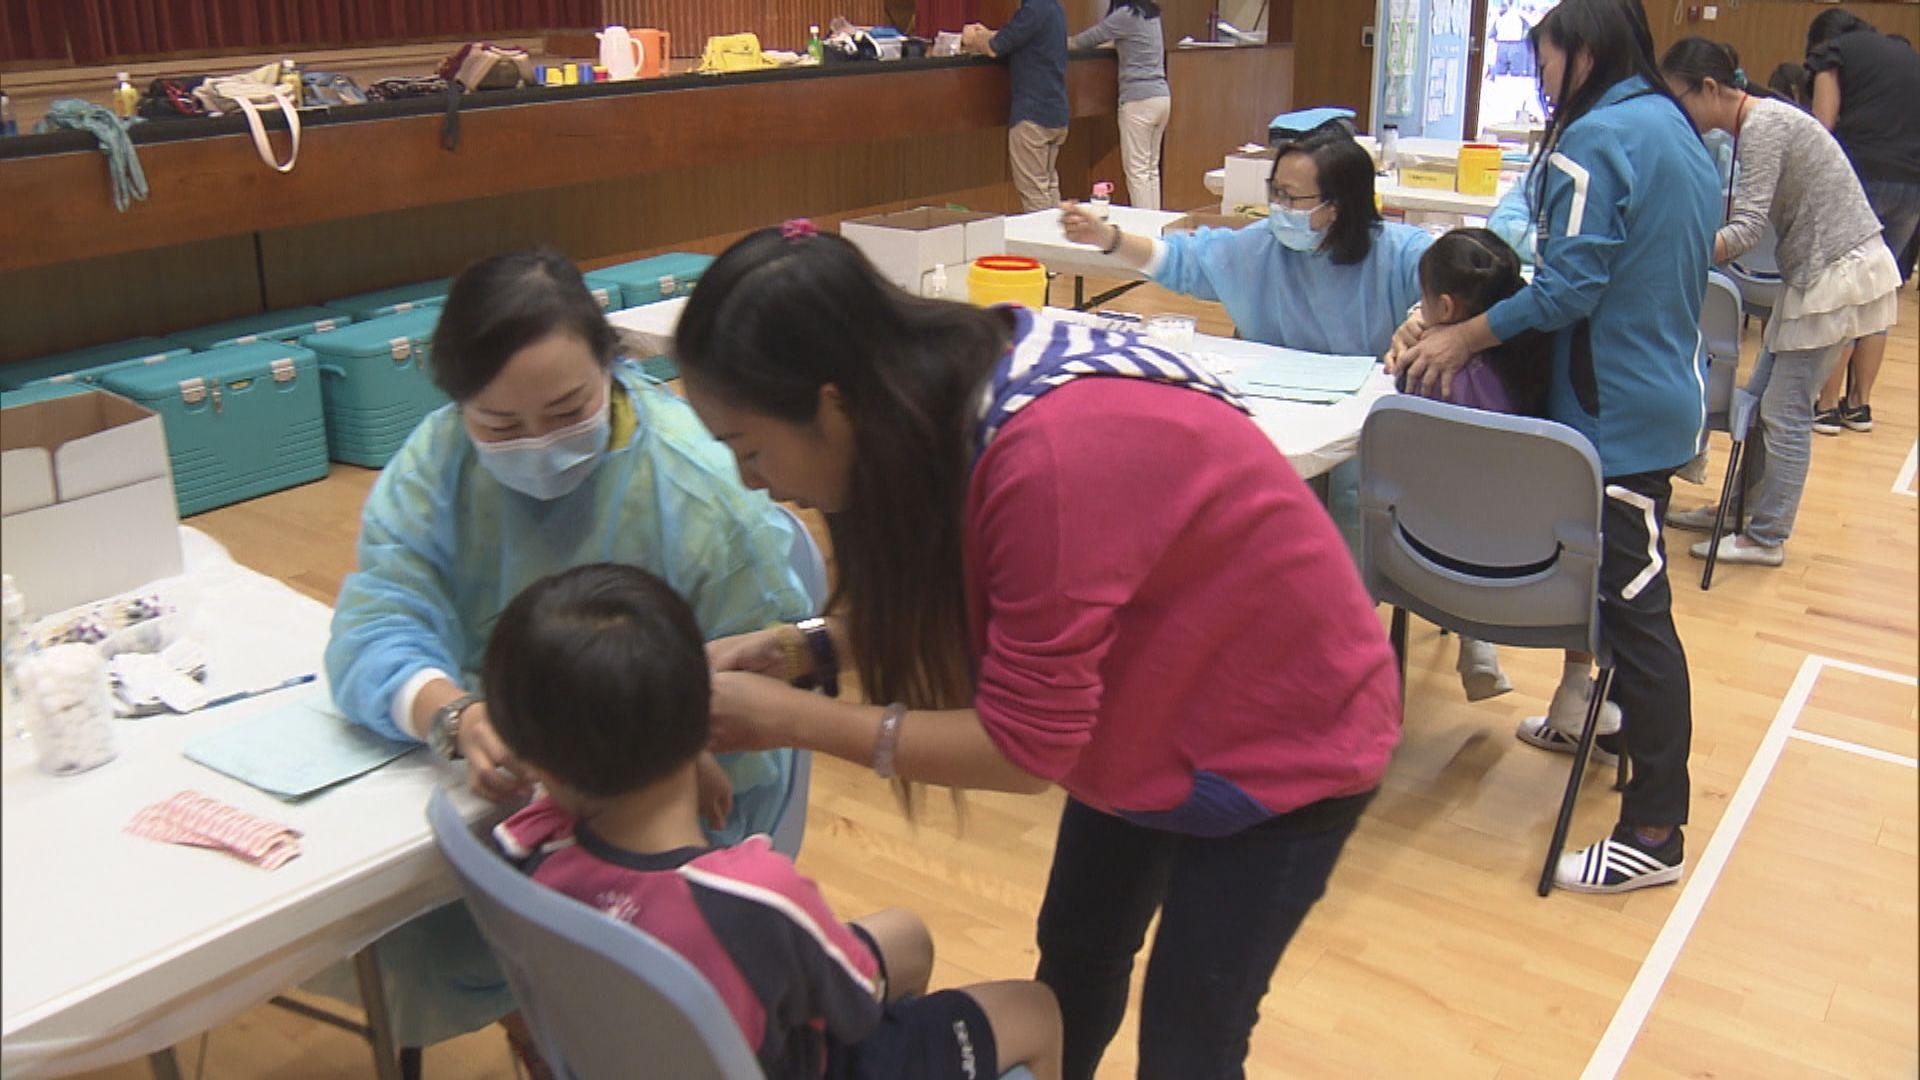 政府防疫注射計劃展開 有長者認為接種流感疫苗較安心